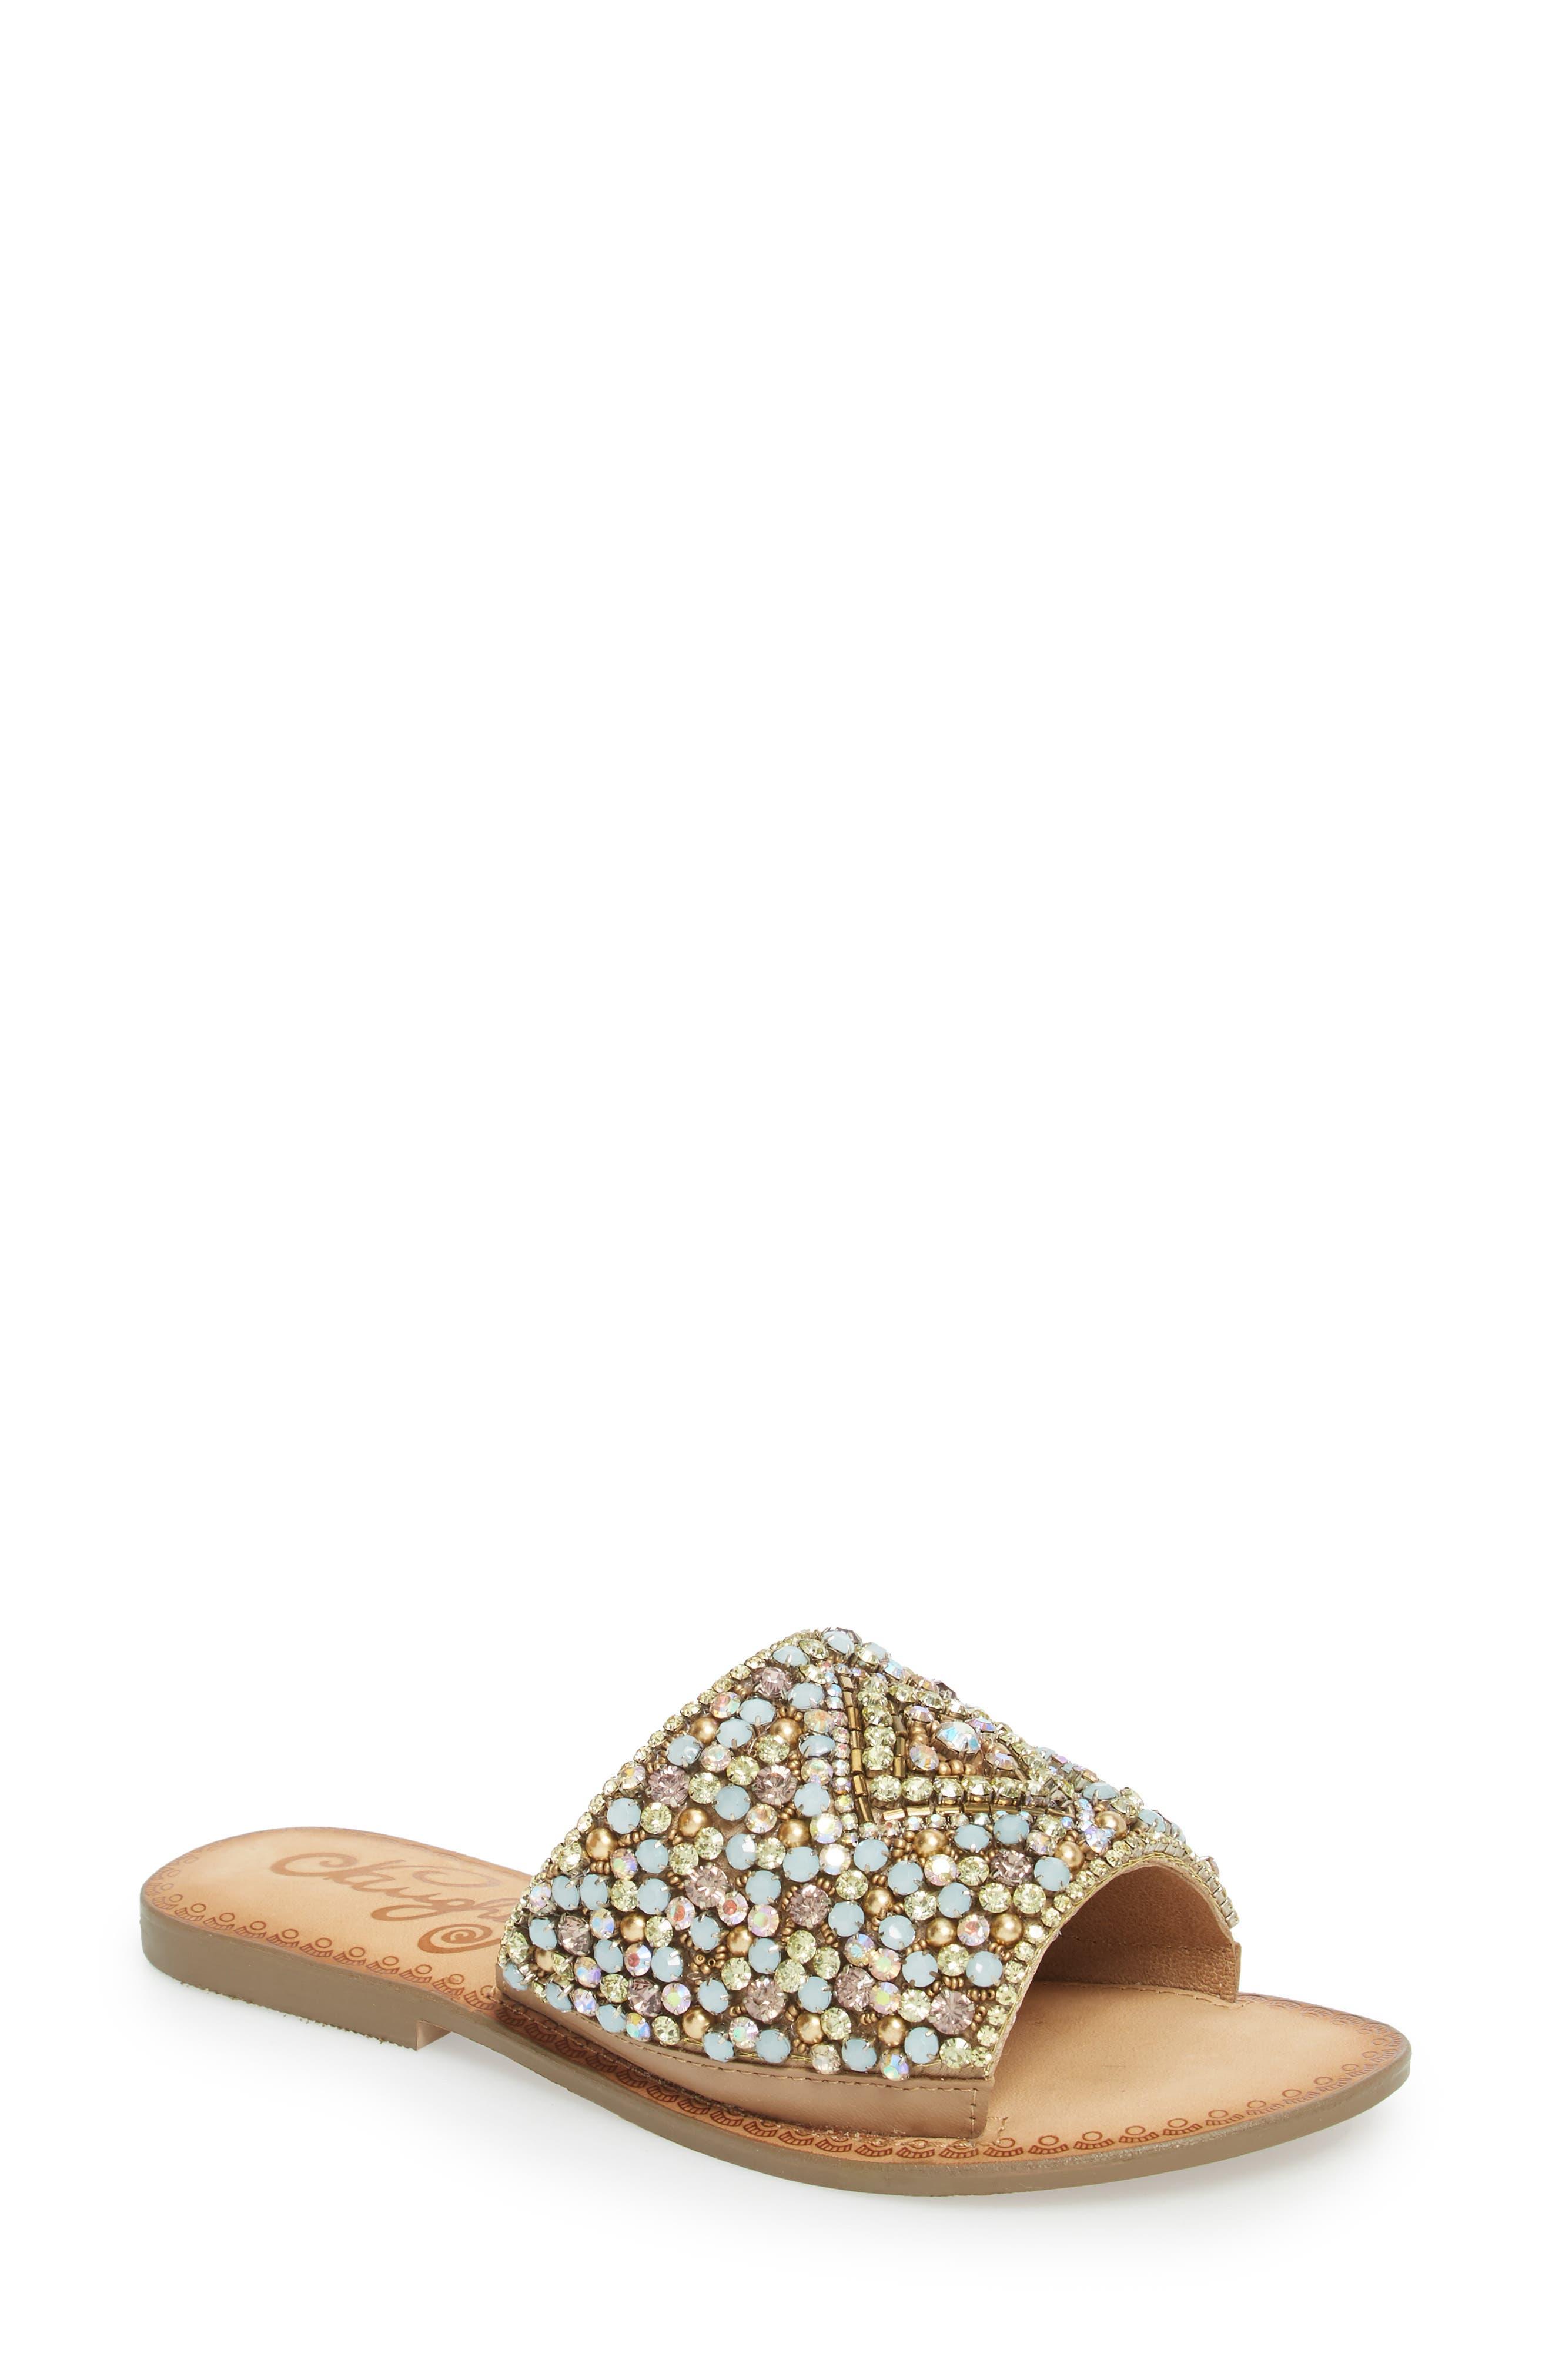 Susanna Embellished Slide Sandal,                         Main,                         color, Multi Leather